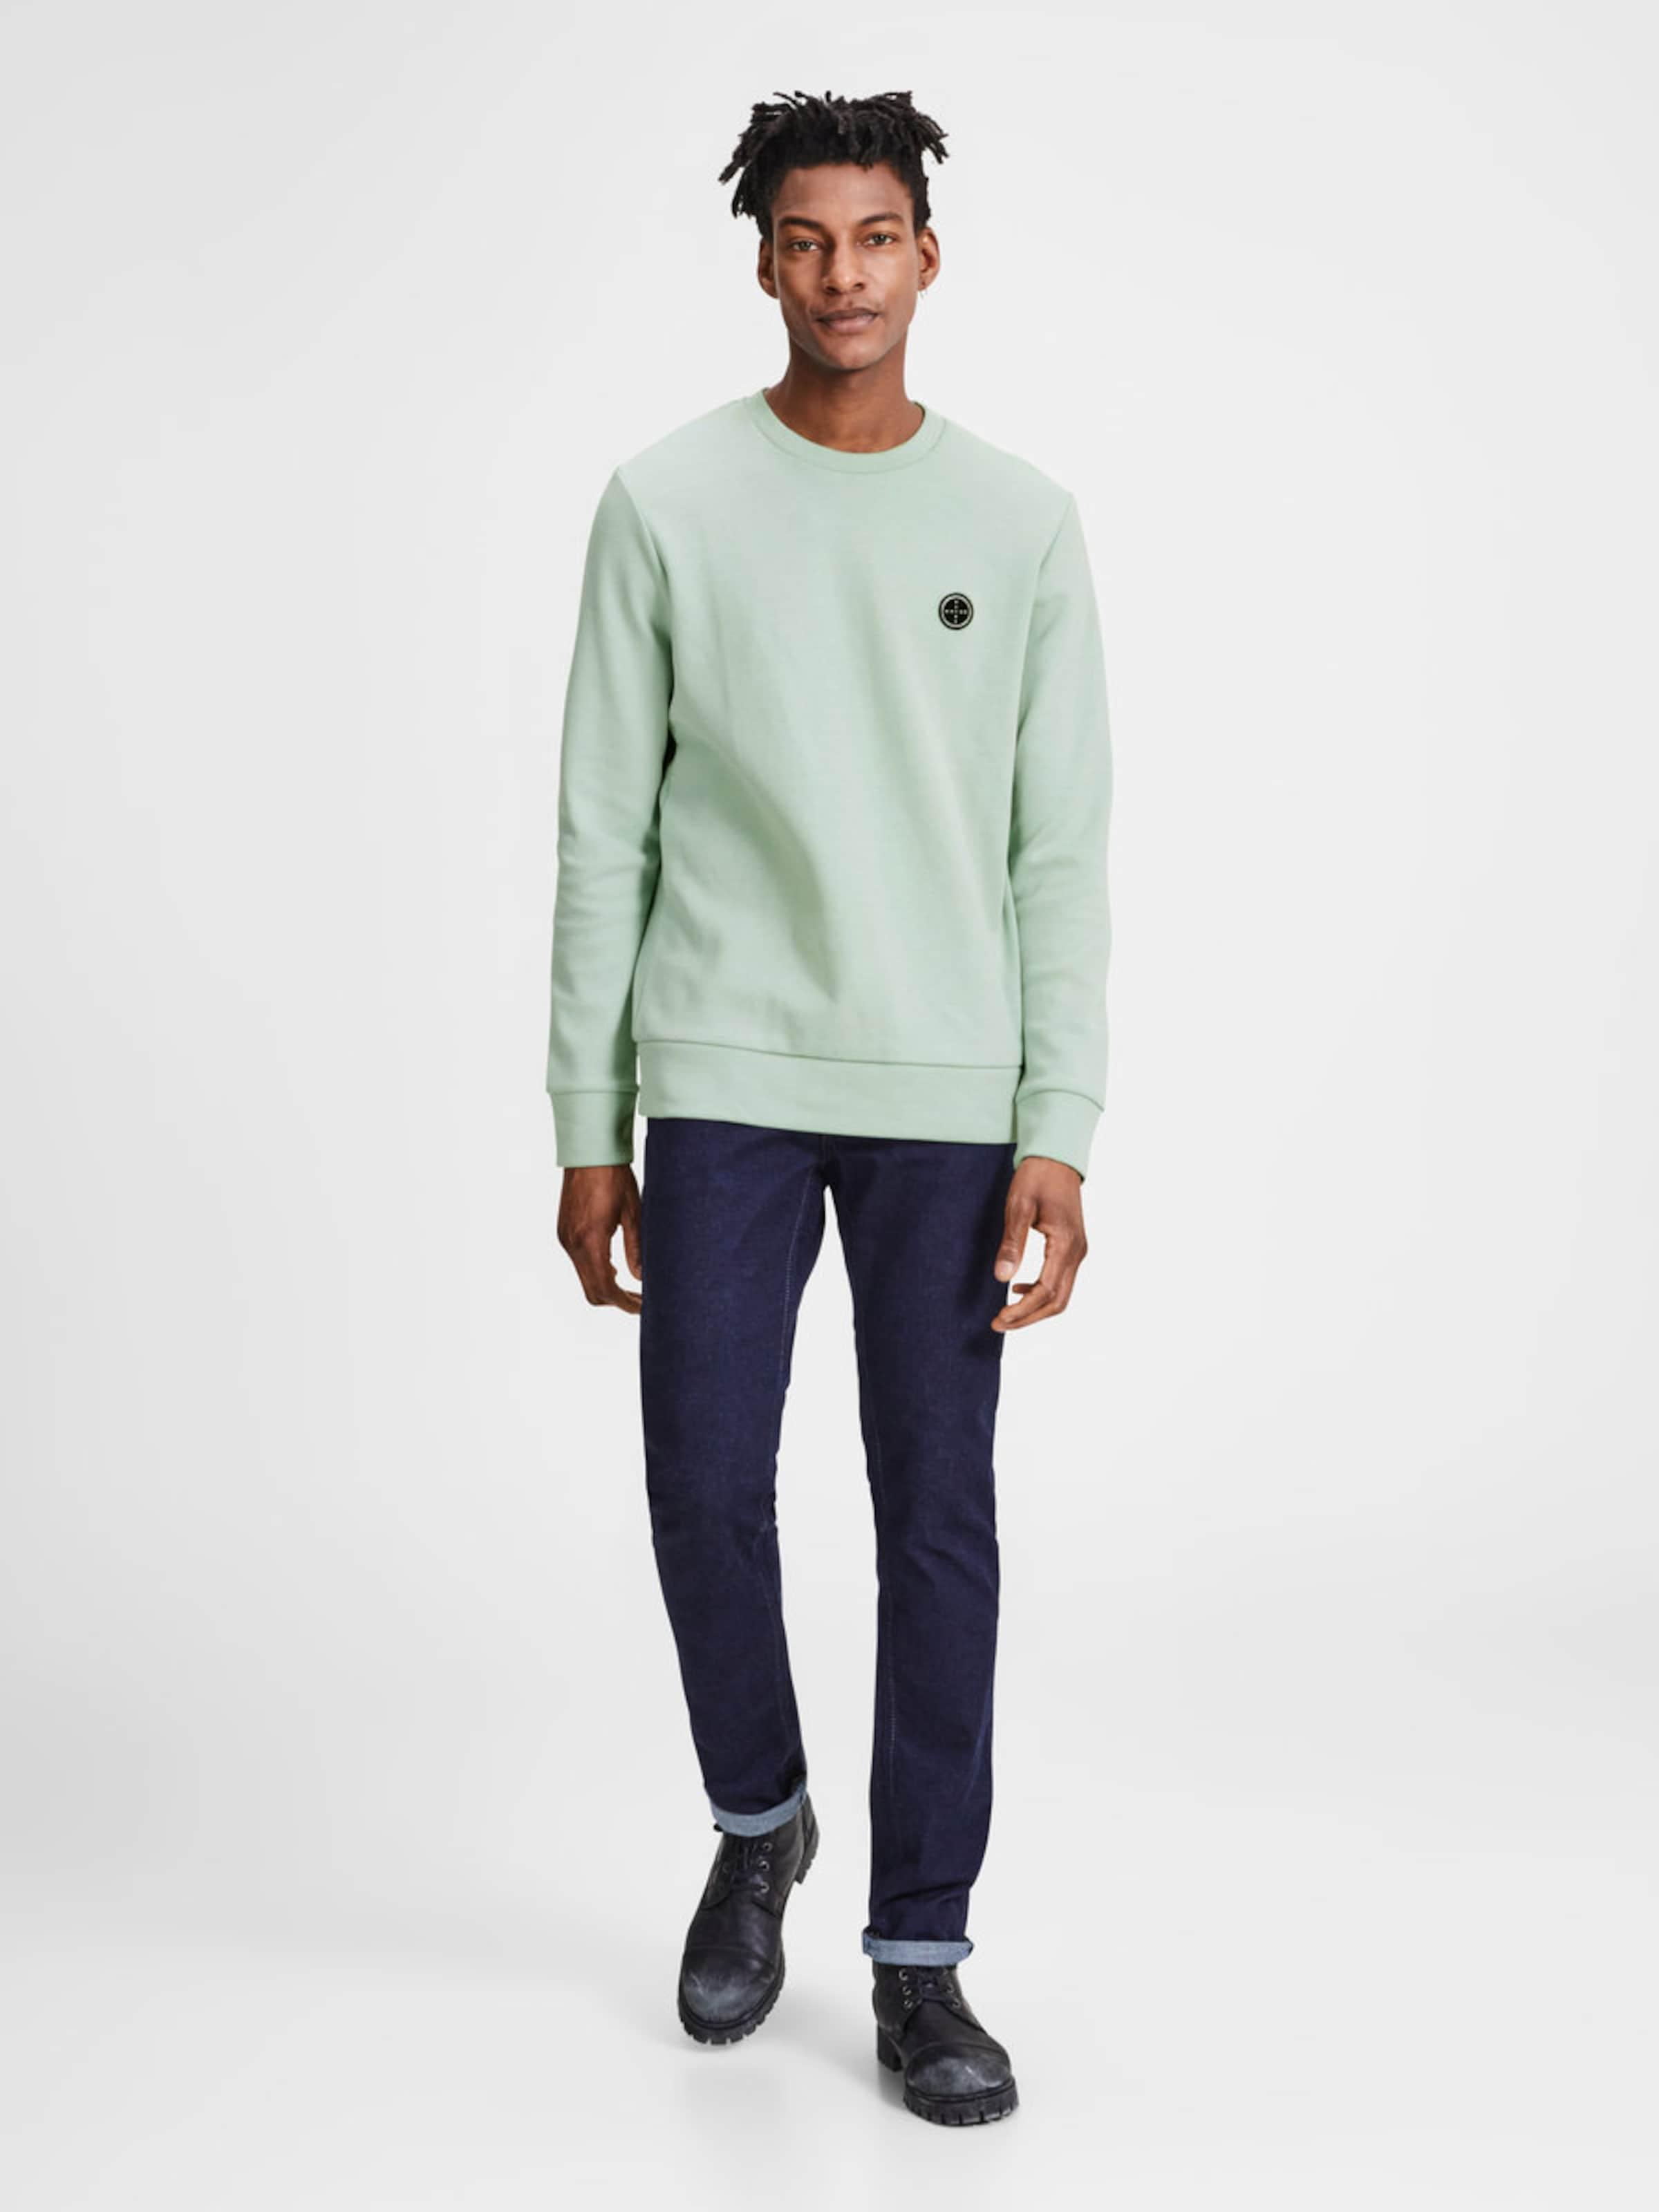 JACK & JONES Lässiges Sweatshirt Spielraum Offizielle Seite Auslass Eastbay Billige Footaction Verkauf Gut Verkaufen Angebote DoKoDRSRF